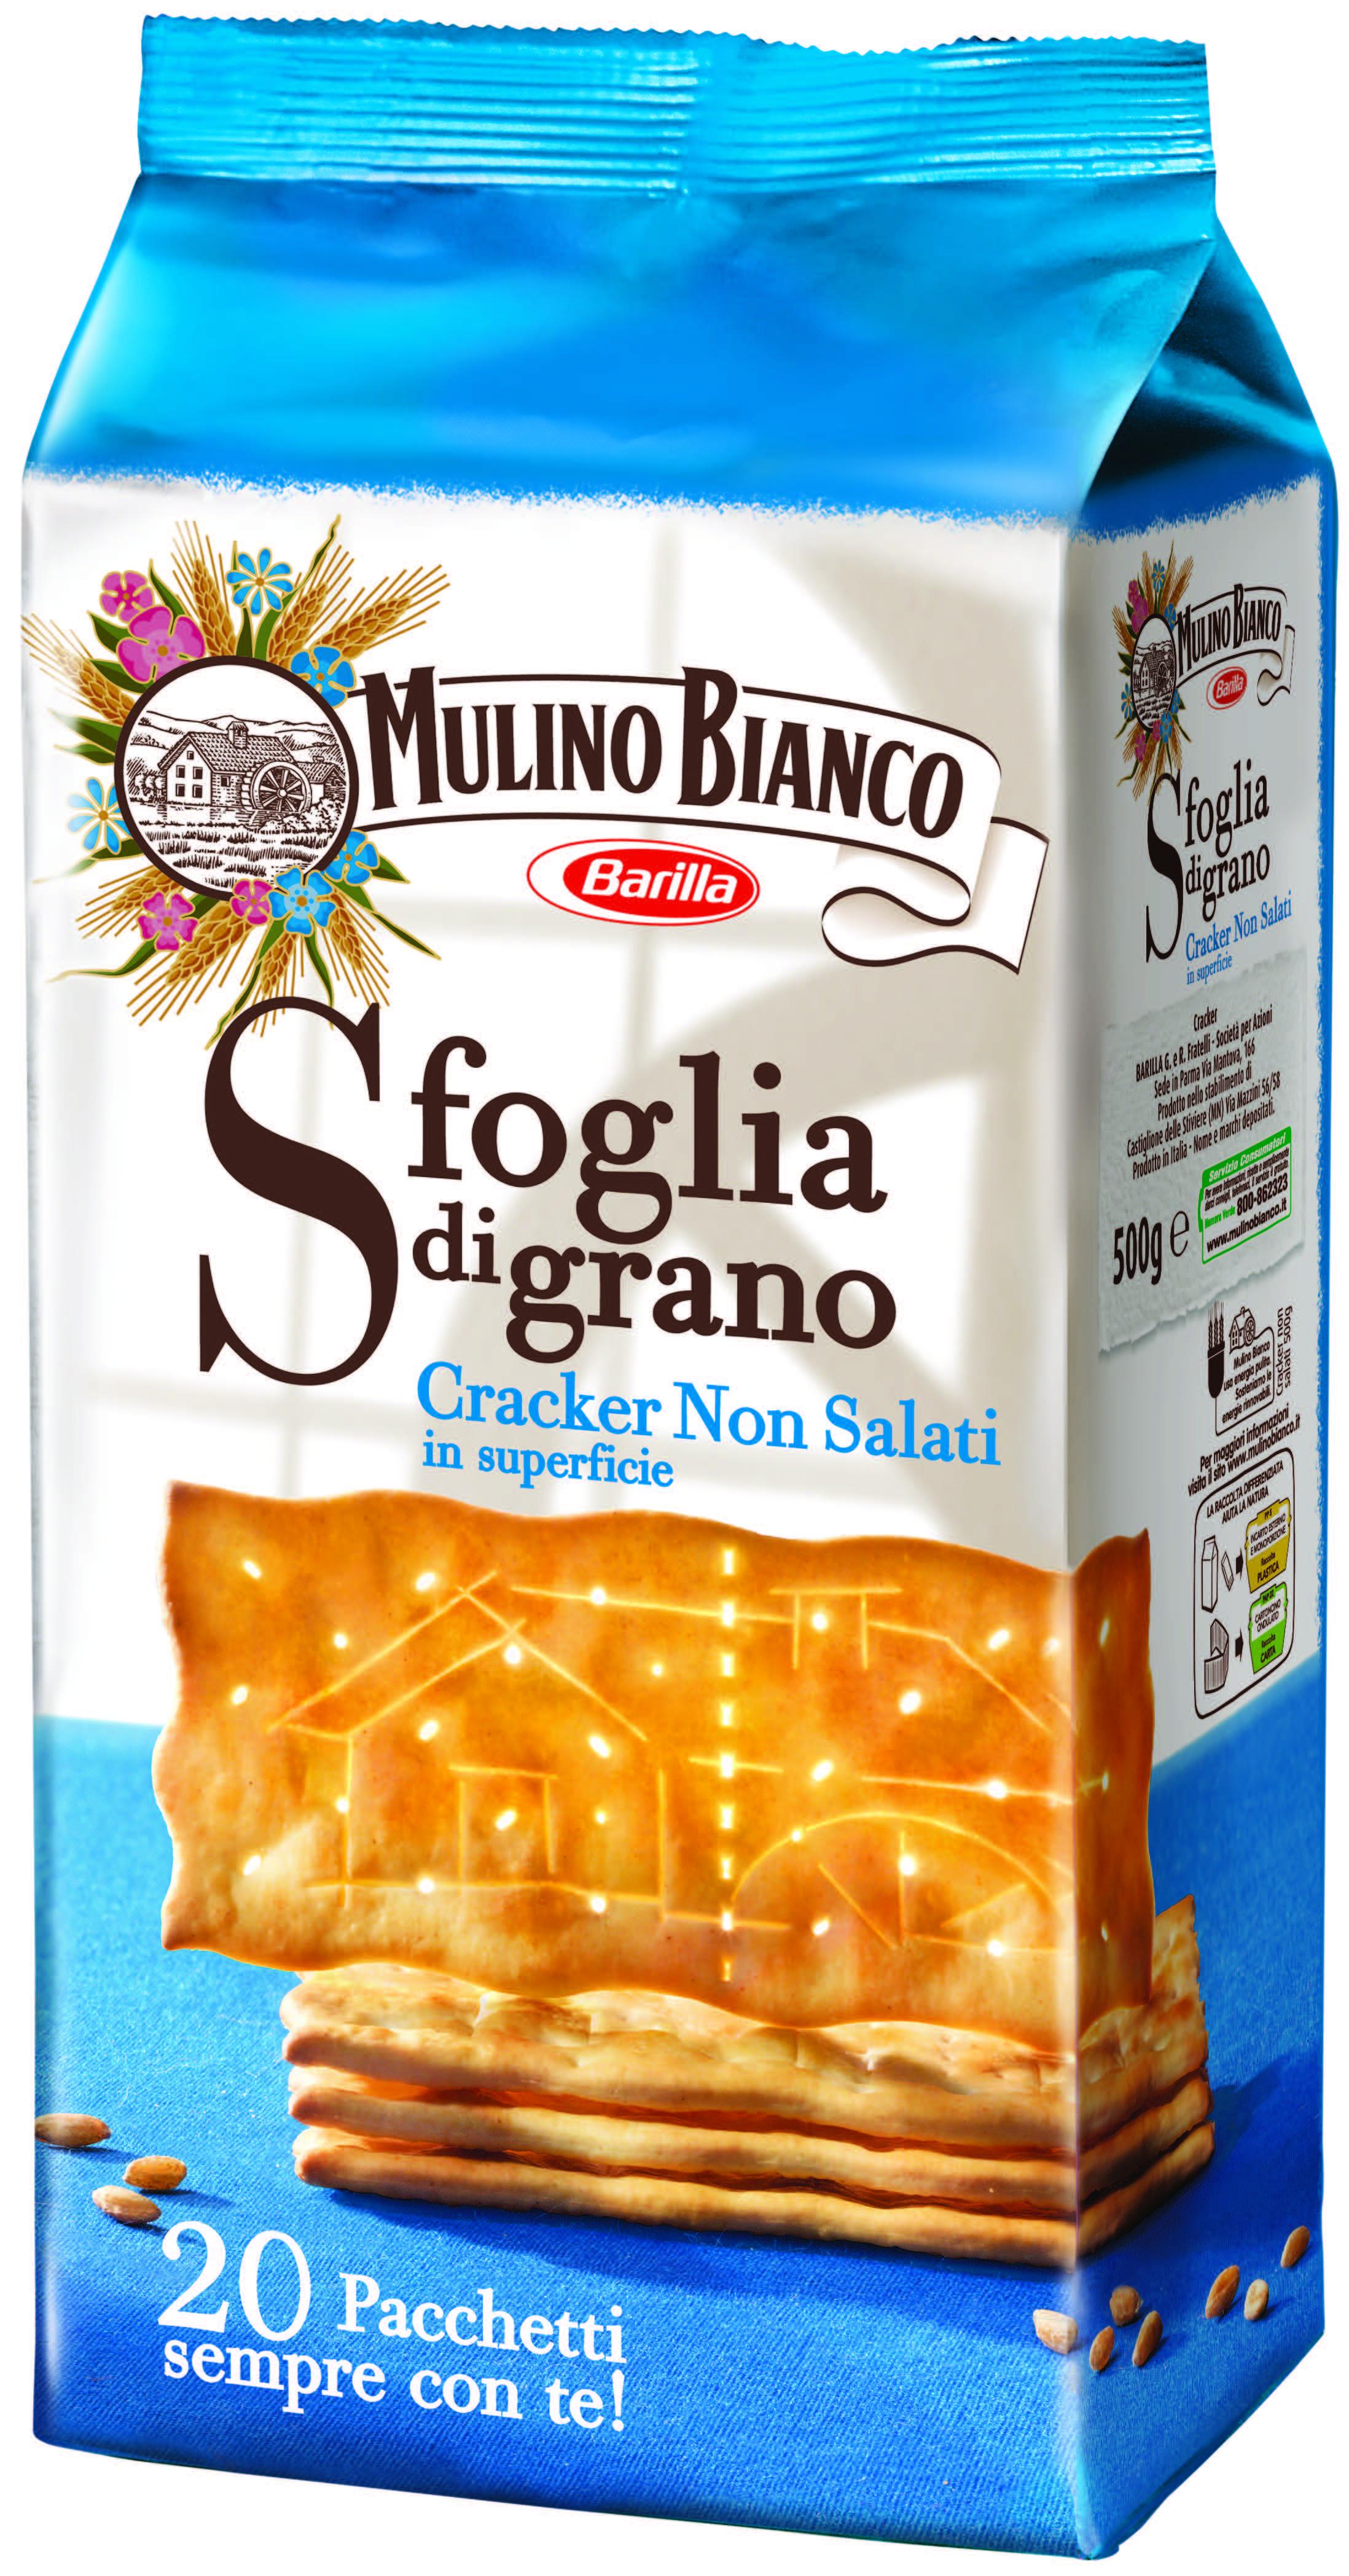 Crackers Sfoglia di Grano non salati Mulino Bianco